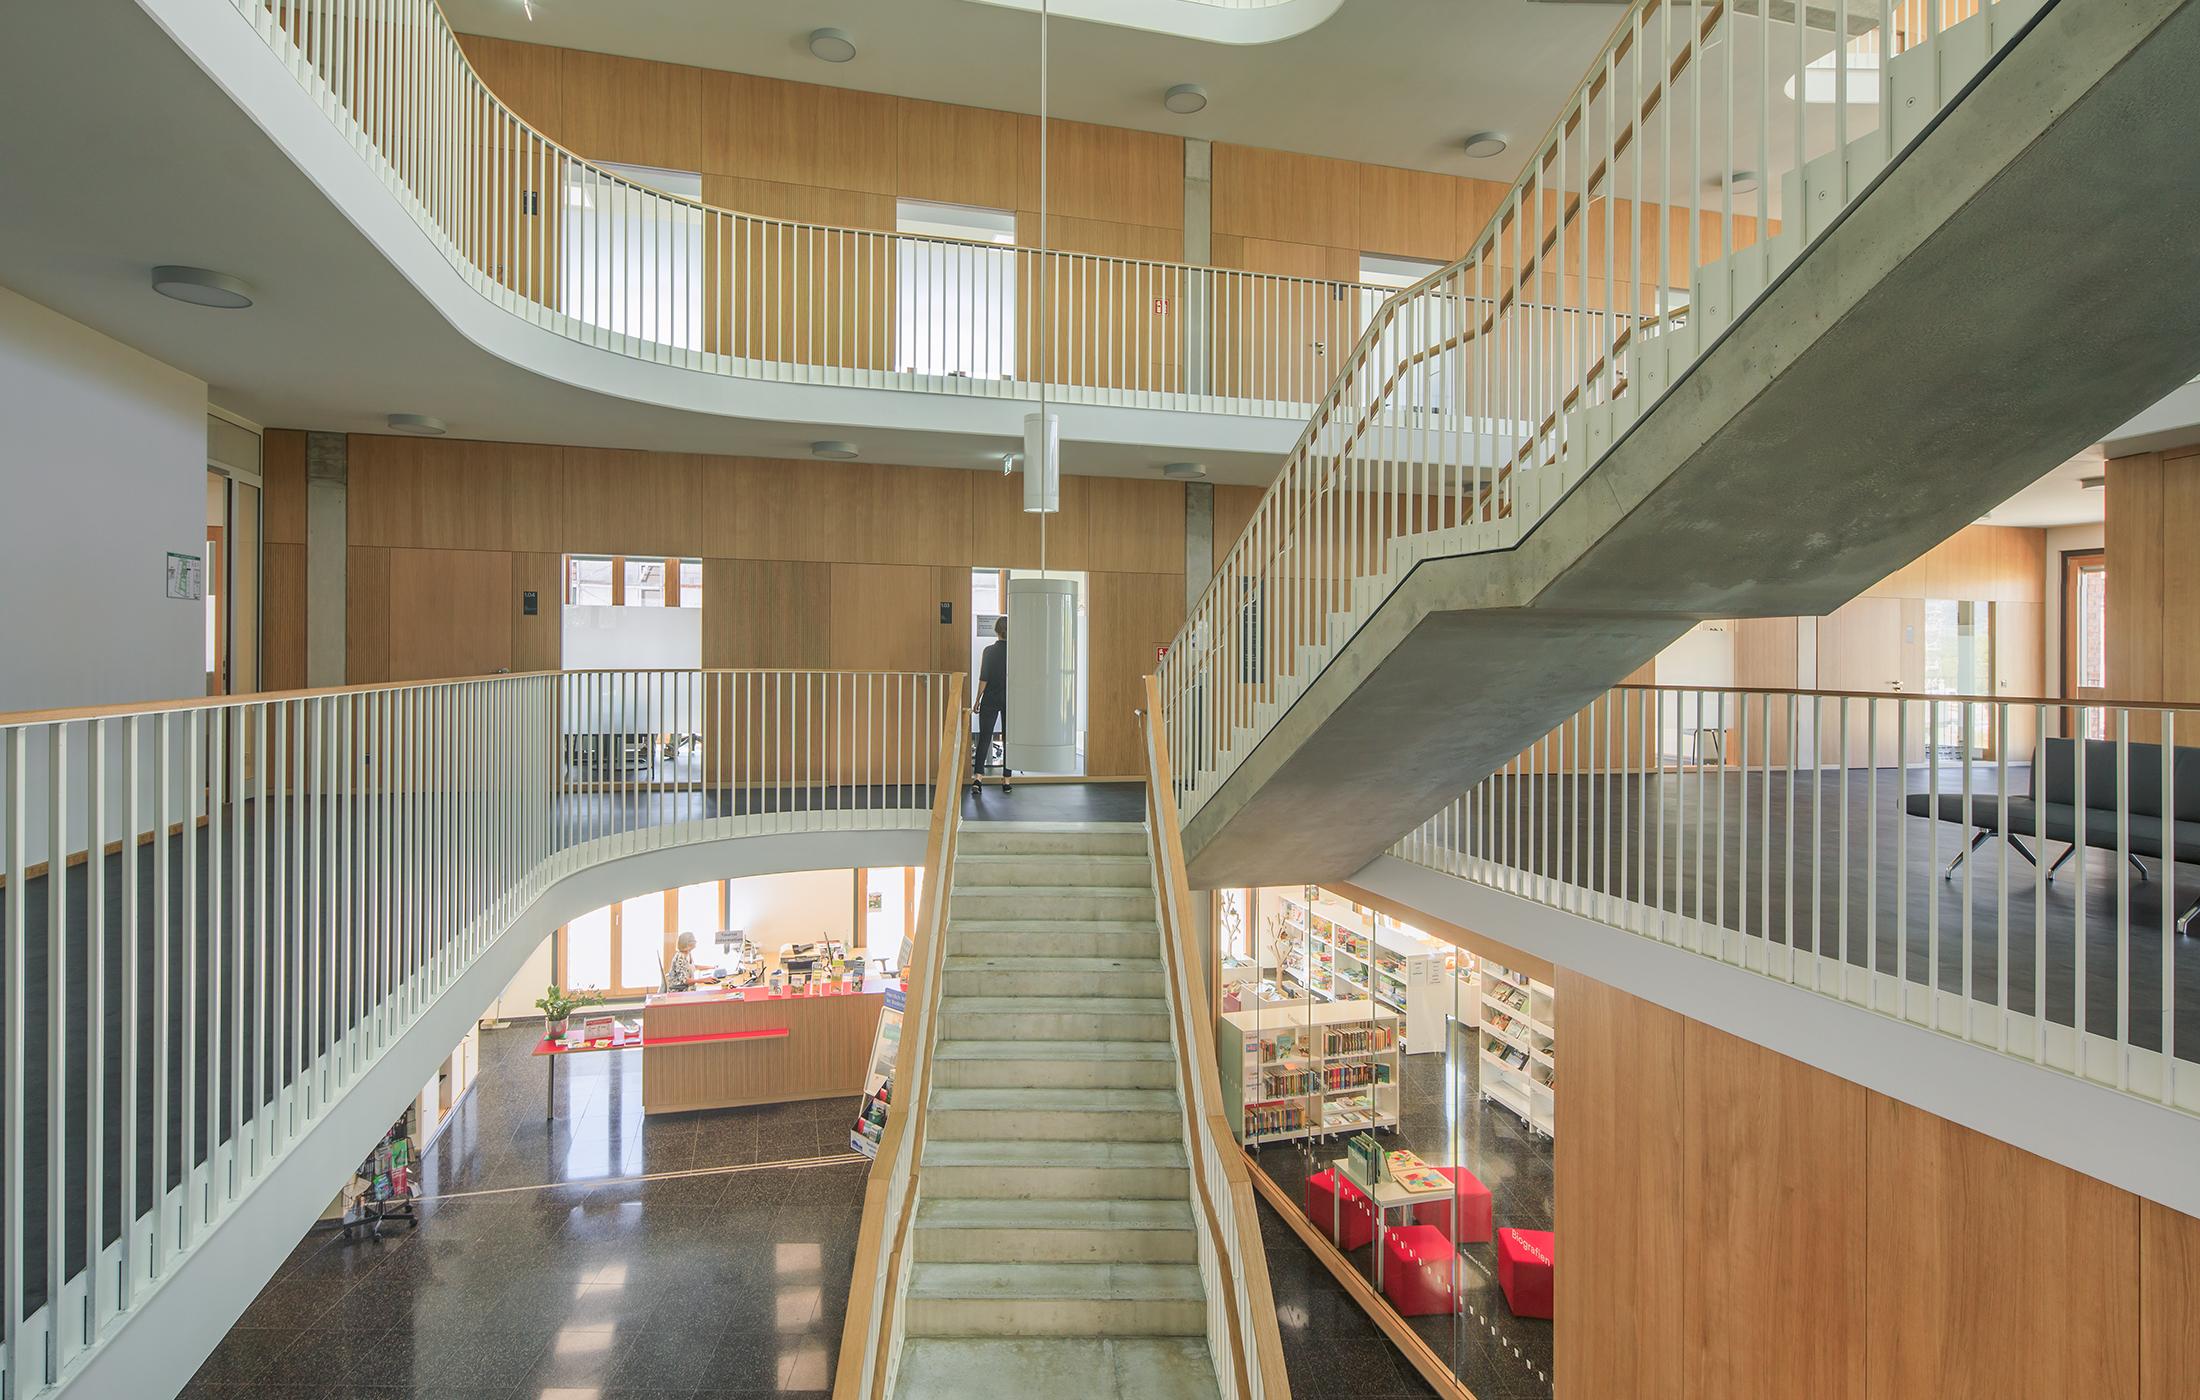 2020, Neubau Neue Mitte Rathaus und Tiefgarage, Salem